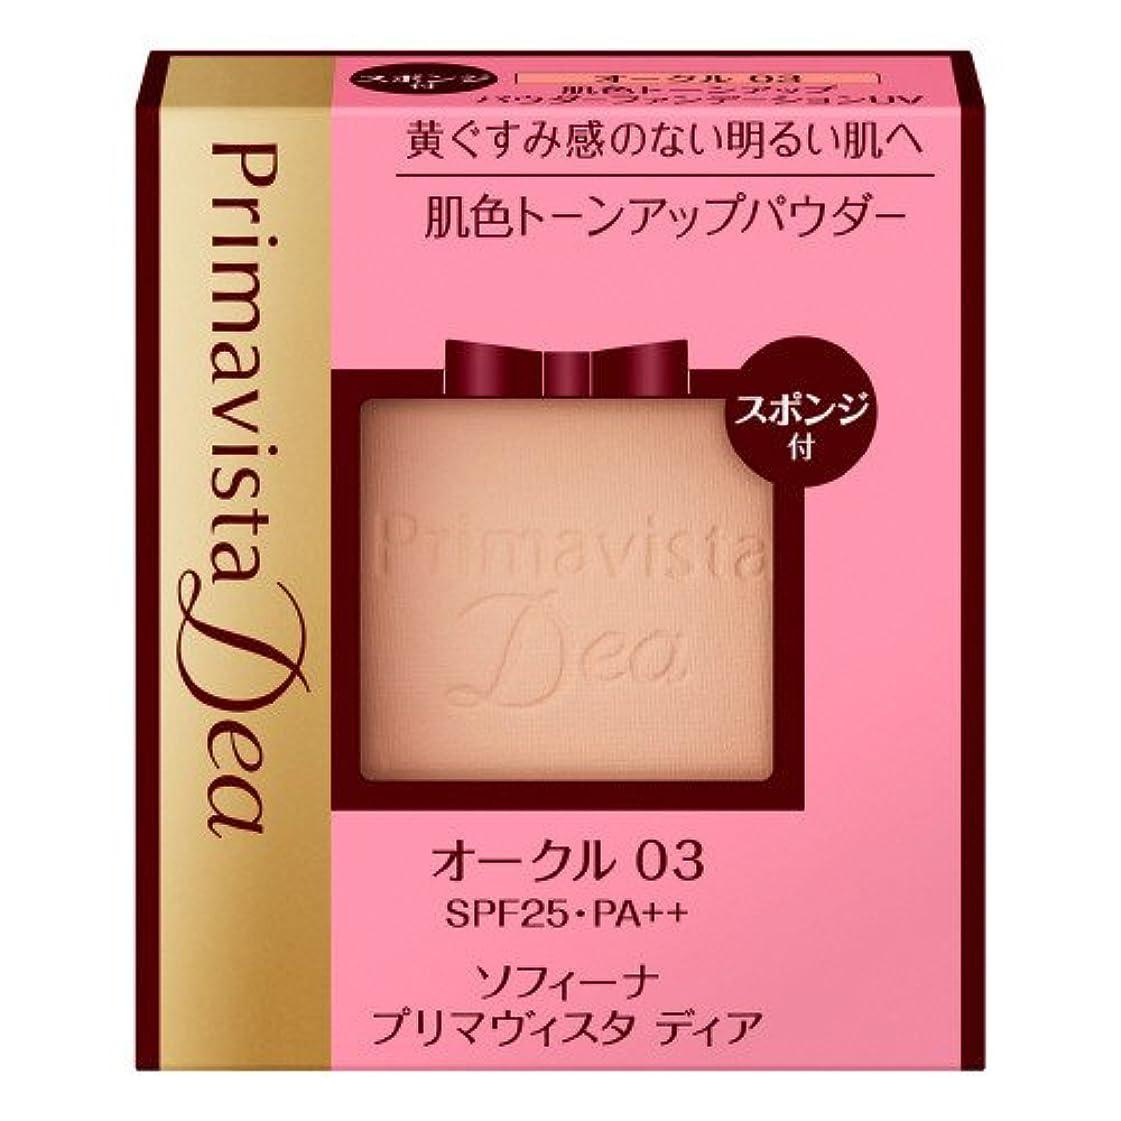 ところで洗練された汗ソフィーナ プリマヴィスタ ディア 肌色トーンアップ パウダーファンデーション UV オークル03 9g レフィル